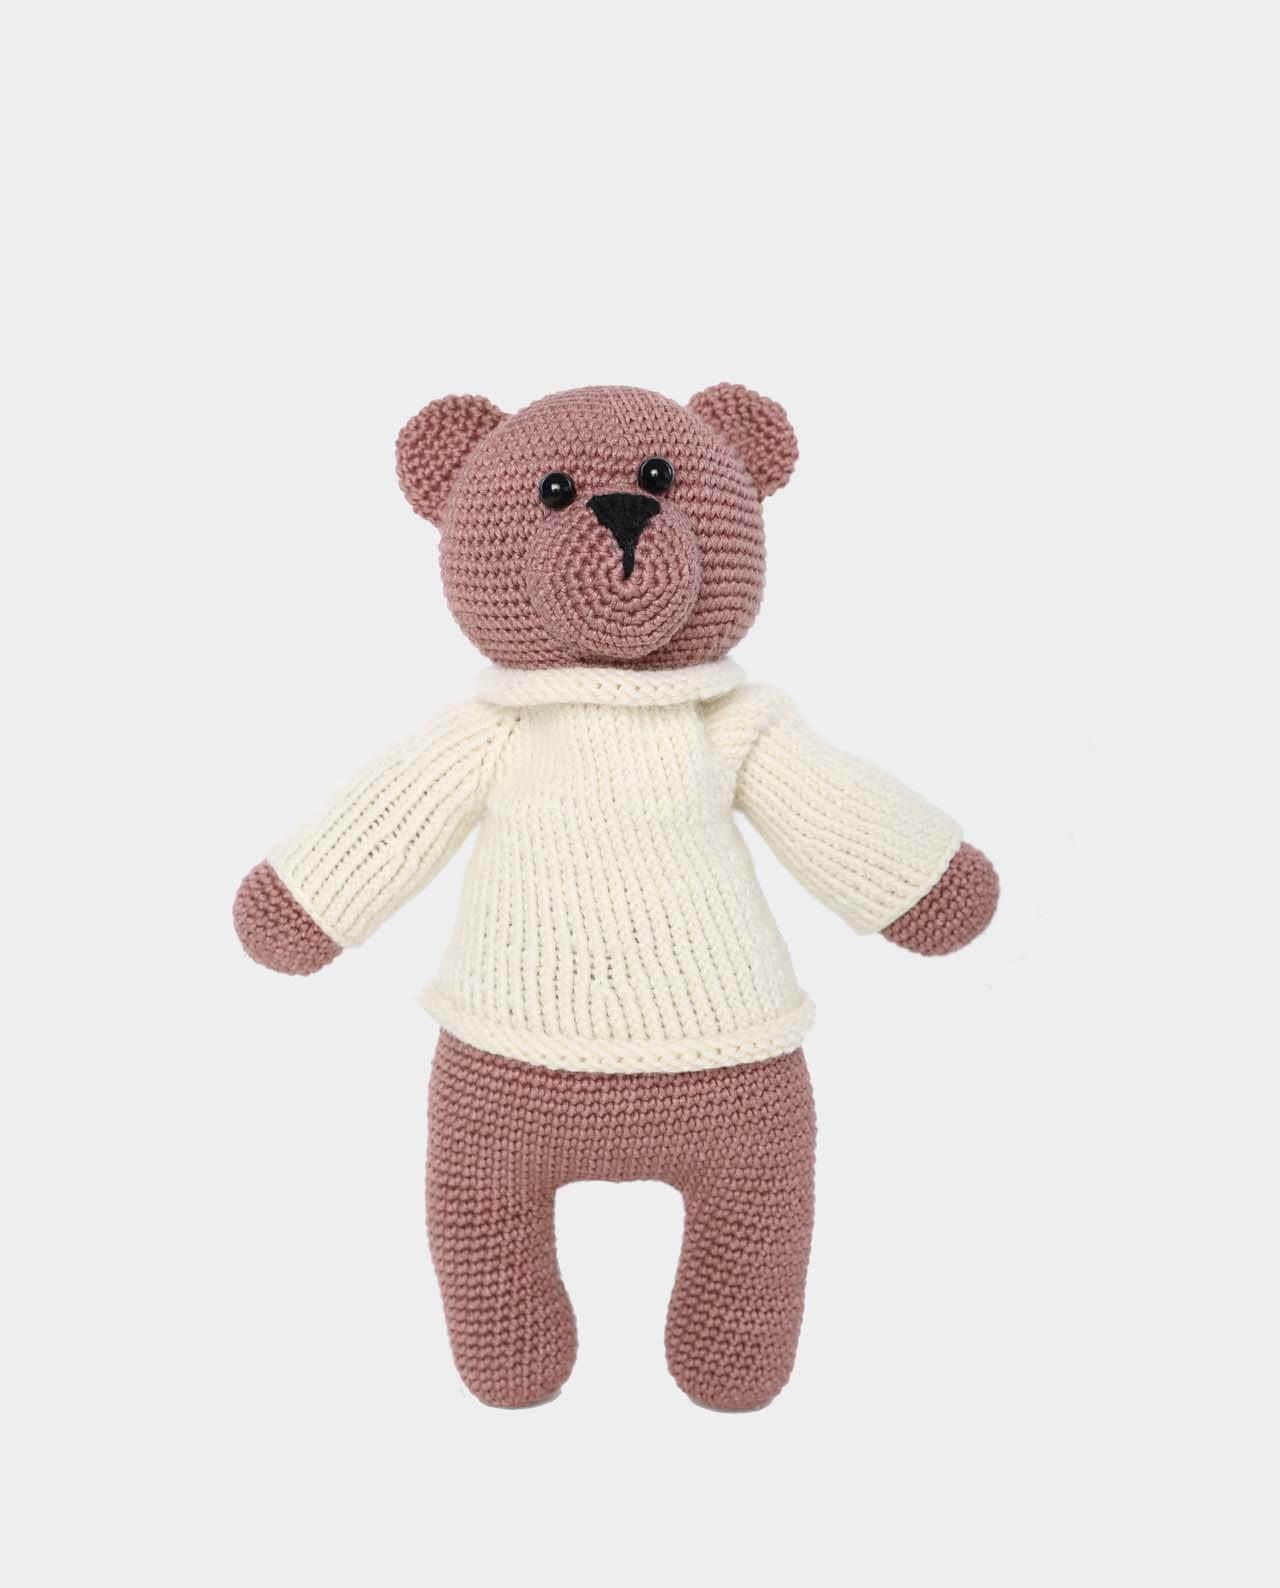 Schön Teddybär Färbung Seite Fotos - Malvorlagen Von Tieren - ngadi.info